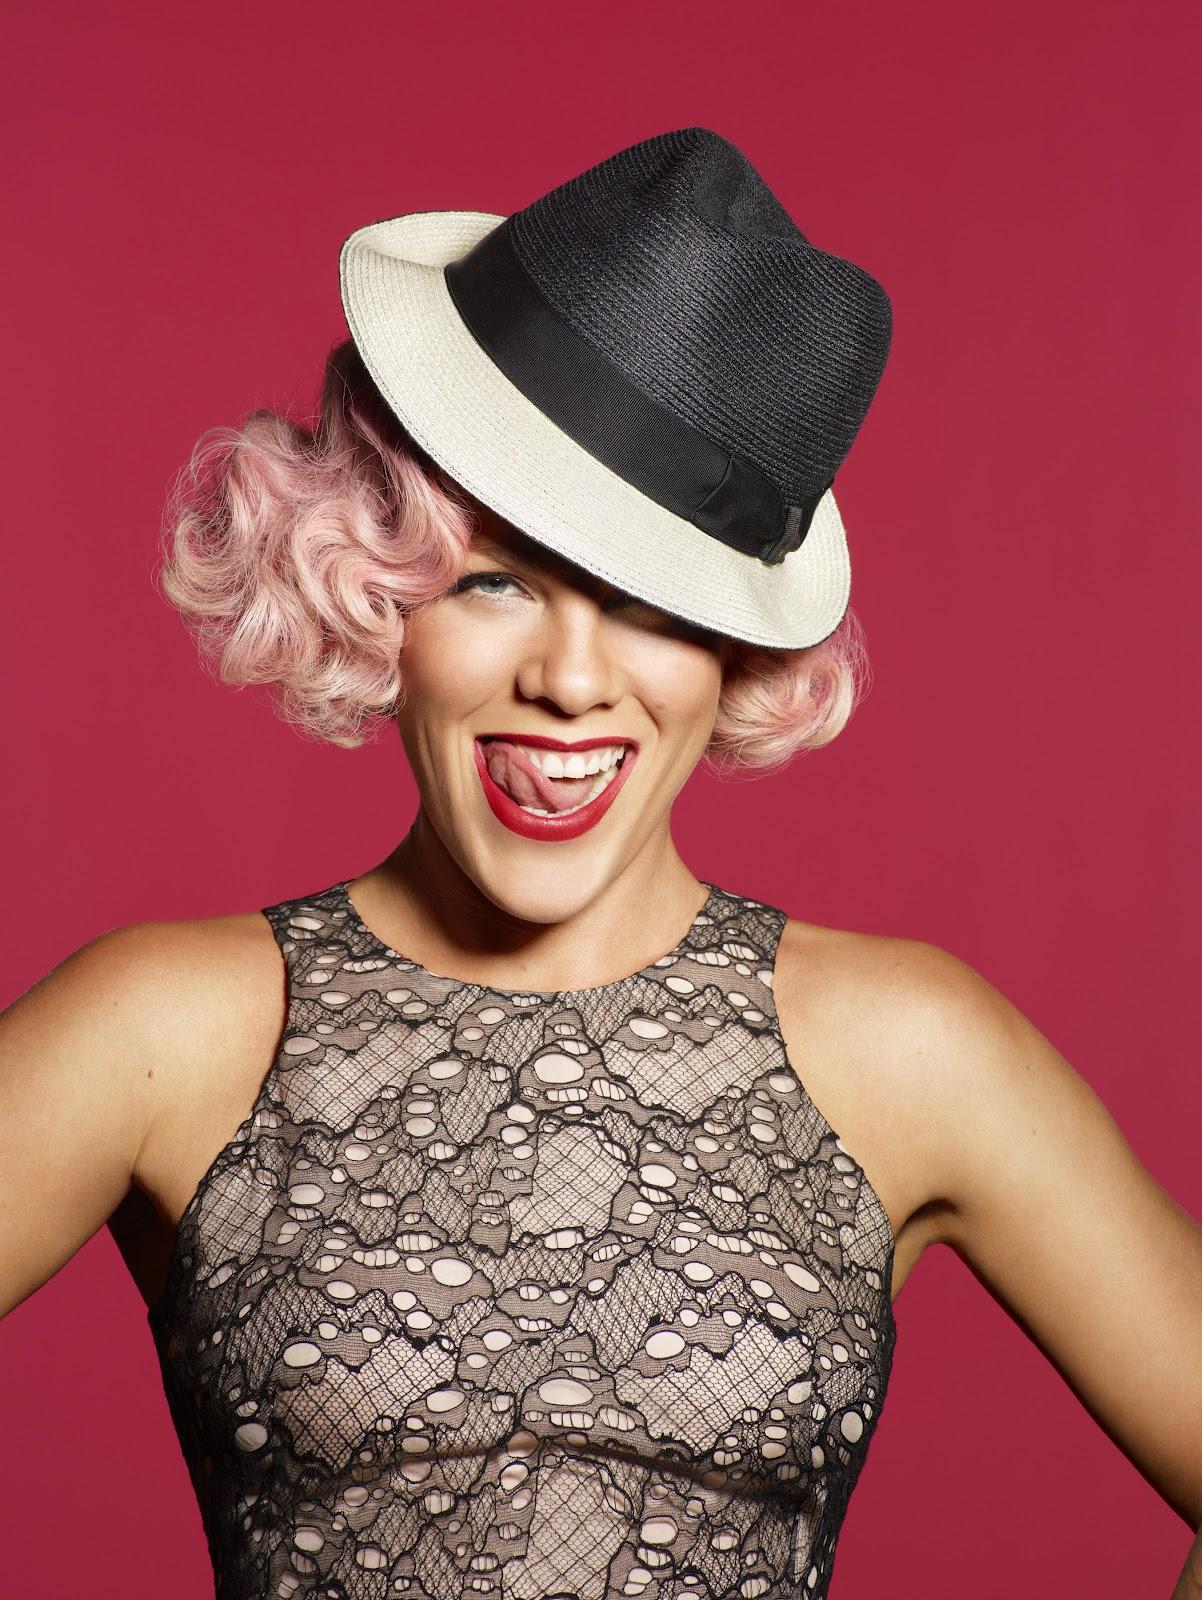 http://3.bp.blogspot.com/-Lzmql3J1Omc/UGWDZNjqjNI/AAAAAAABSq4/lZti7qn-qyI/s1600/pink-truth-love-promo.jpg